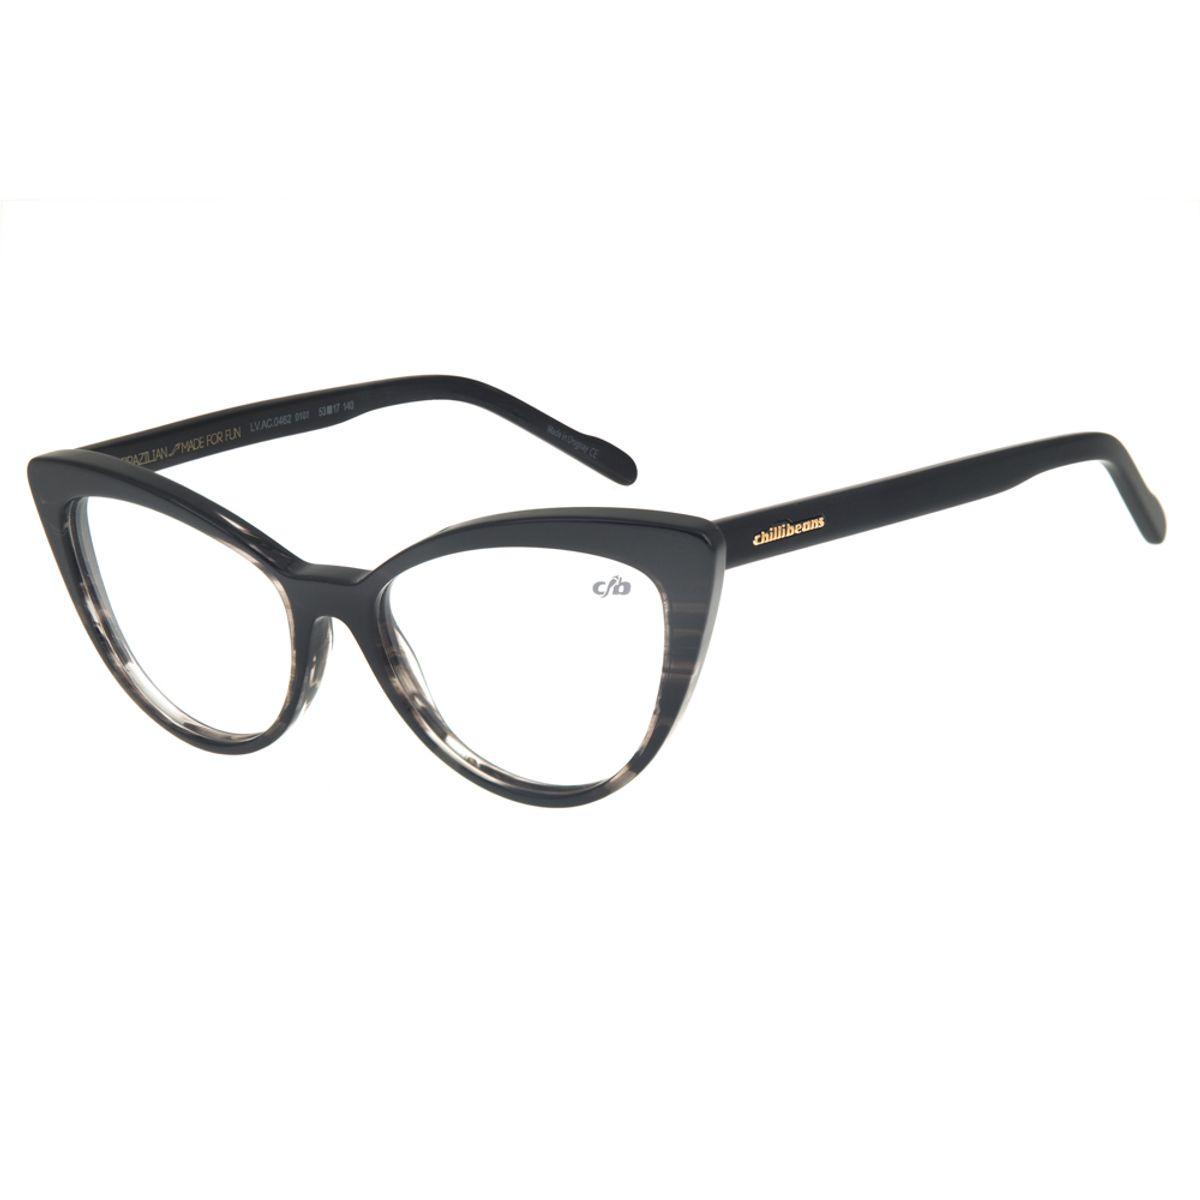 e0cbeb66f Armação para Óculos de Grau Chilli Beans Gatinho Feminino Preto ...